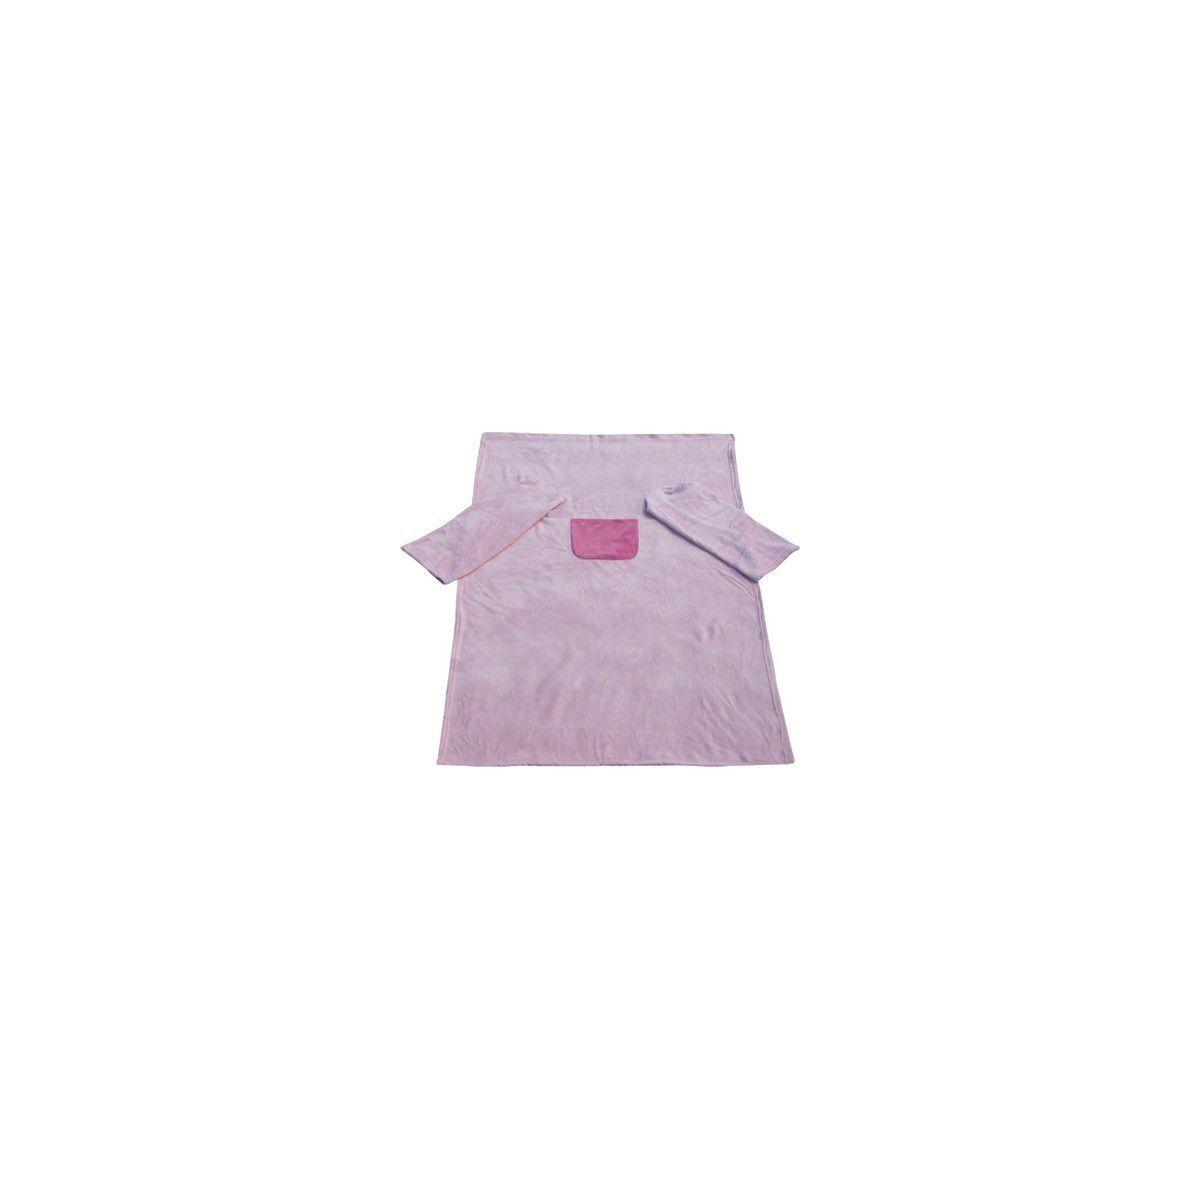 Kanguru couverture rose enfant - 20% de remise immédiate avec le code : top20 (photo)